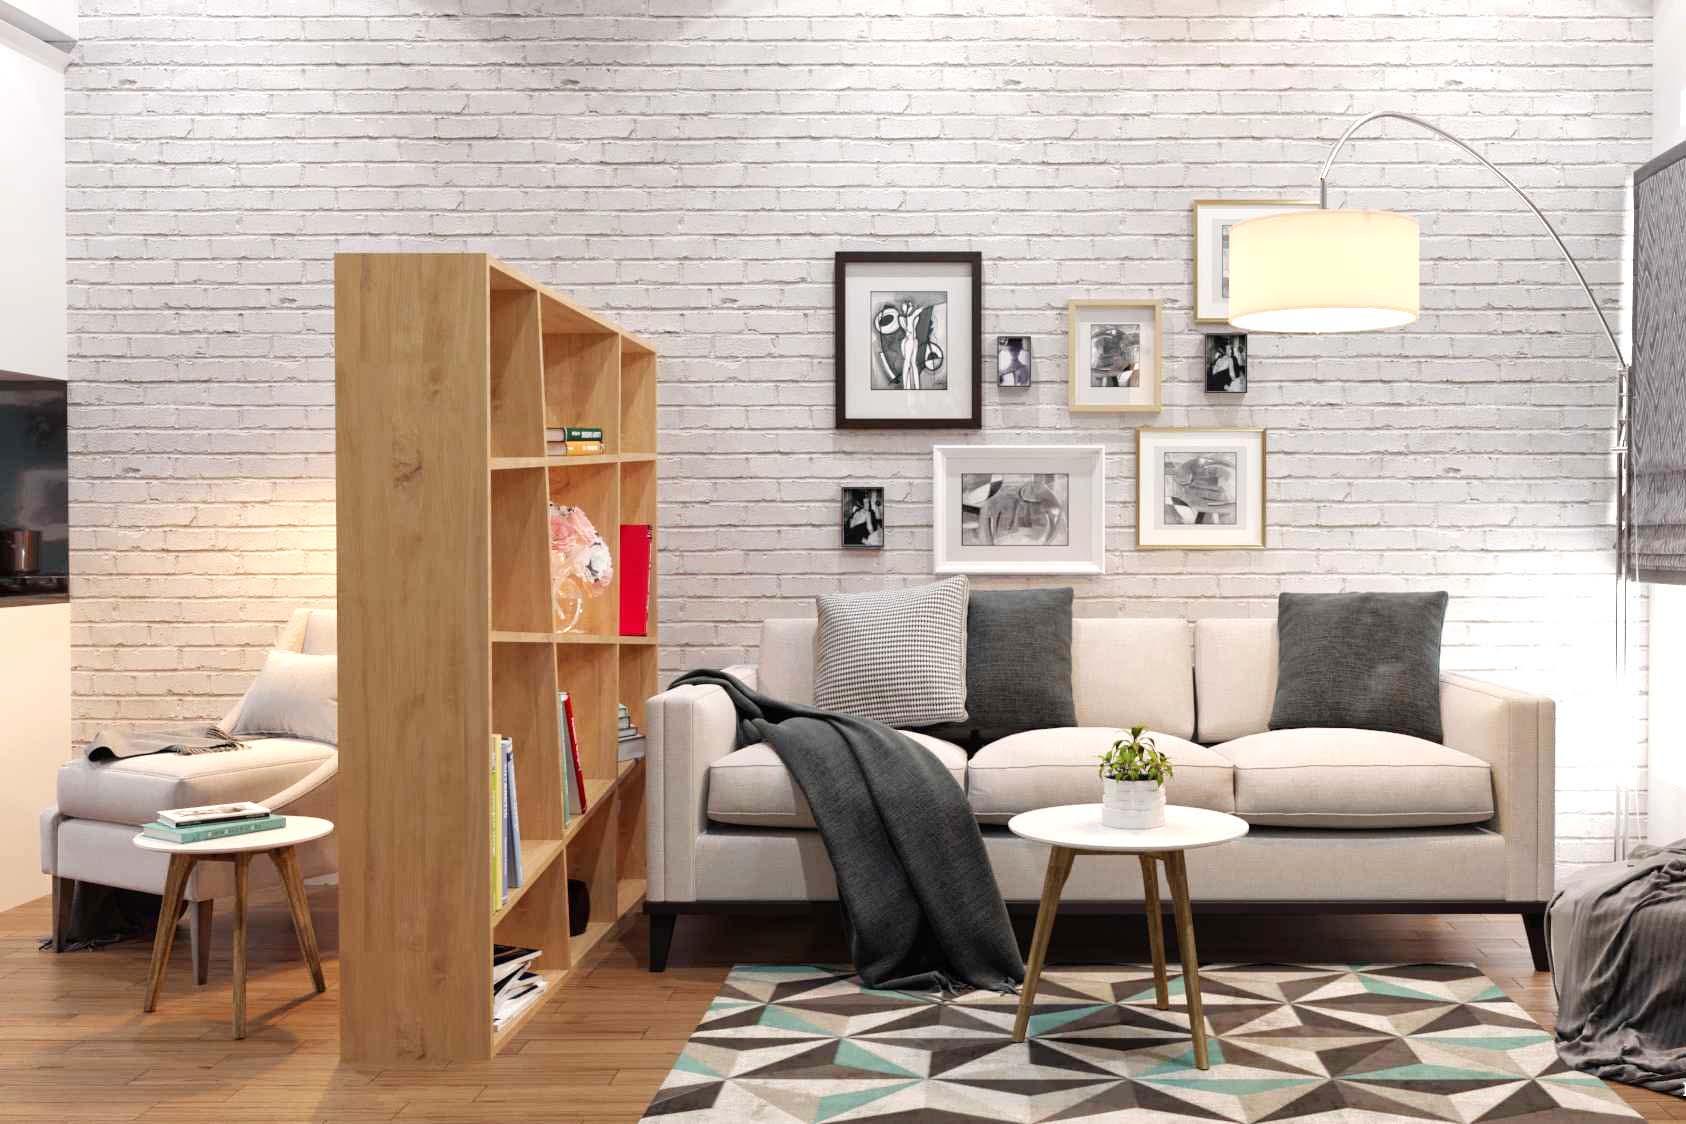 Inspirasi Desain Sekat Ruang Kreatif Yang Bisa Mempercantik Rumah Anda | Foto artikel Arsitag